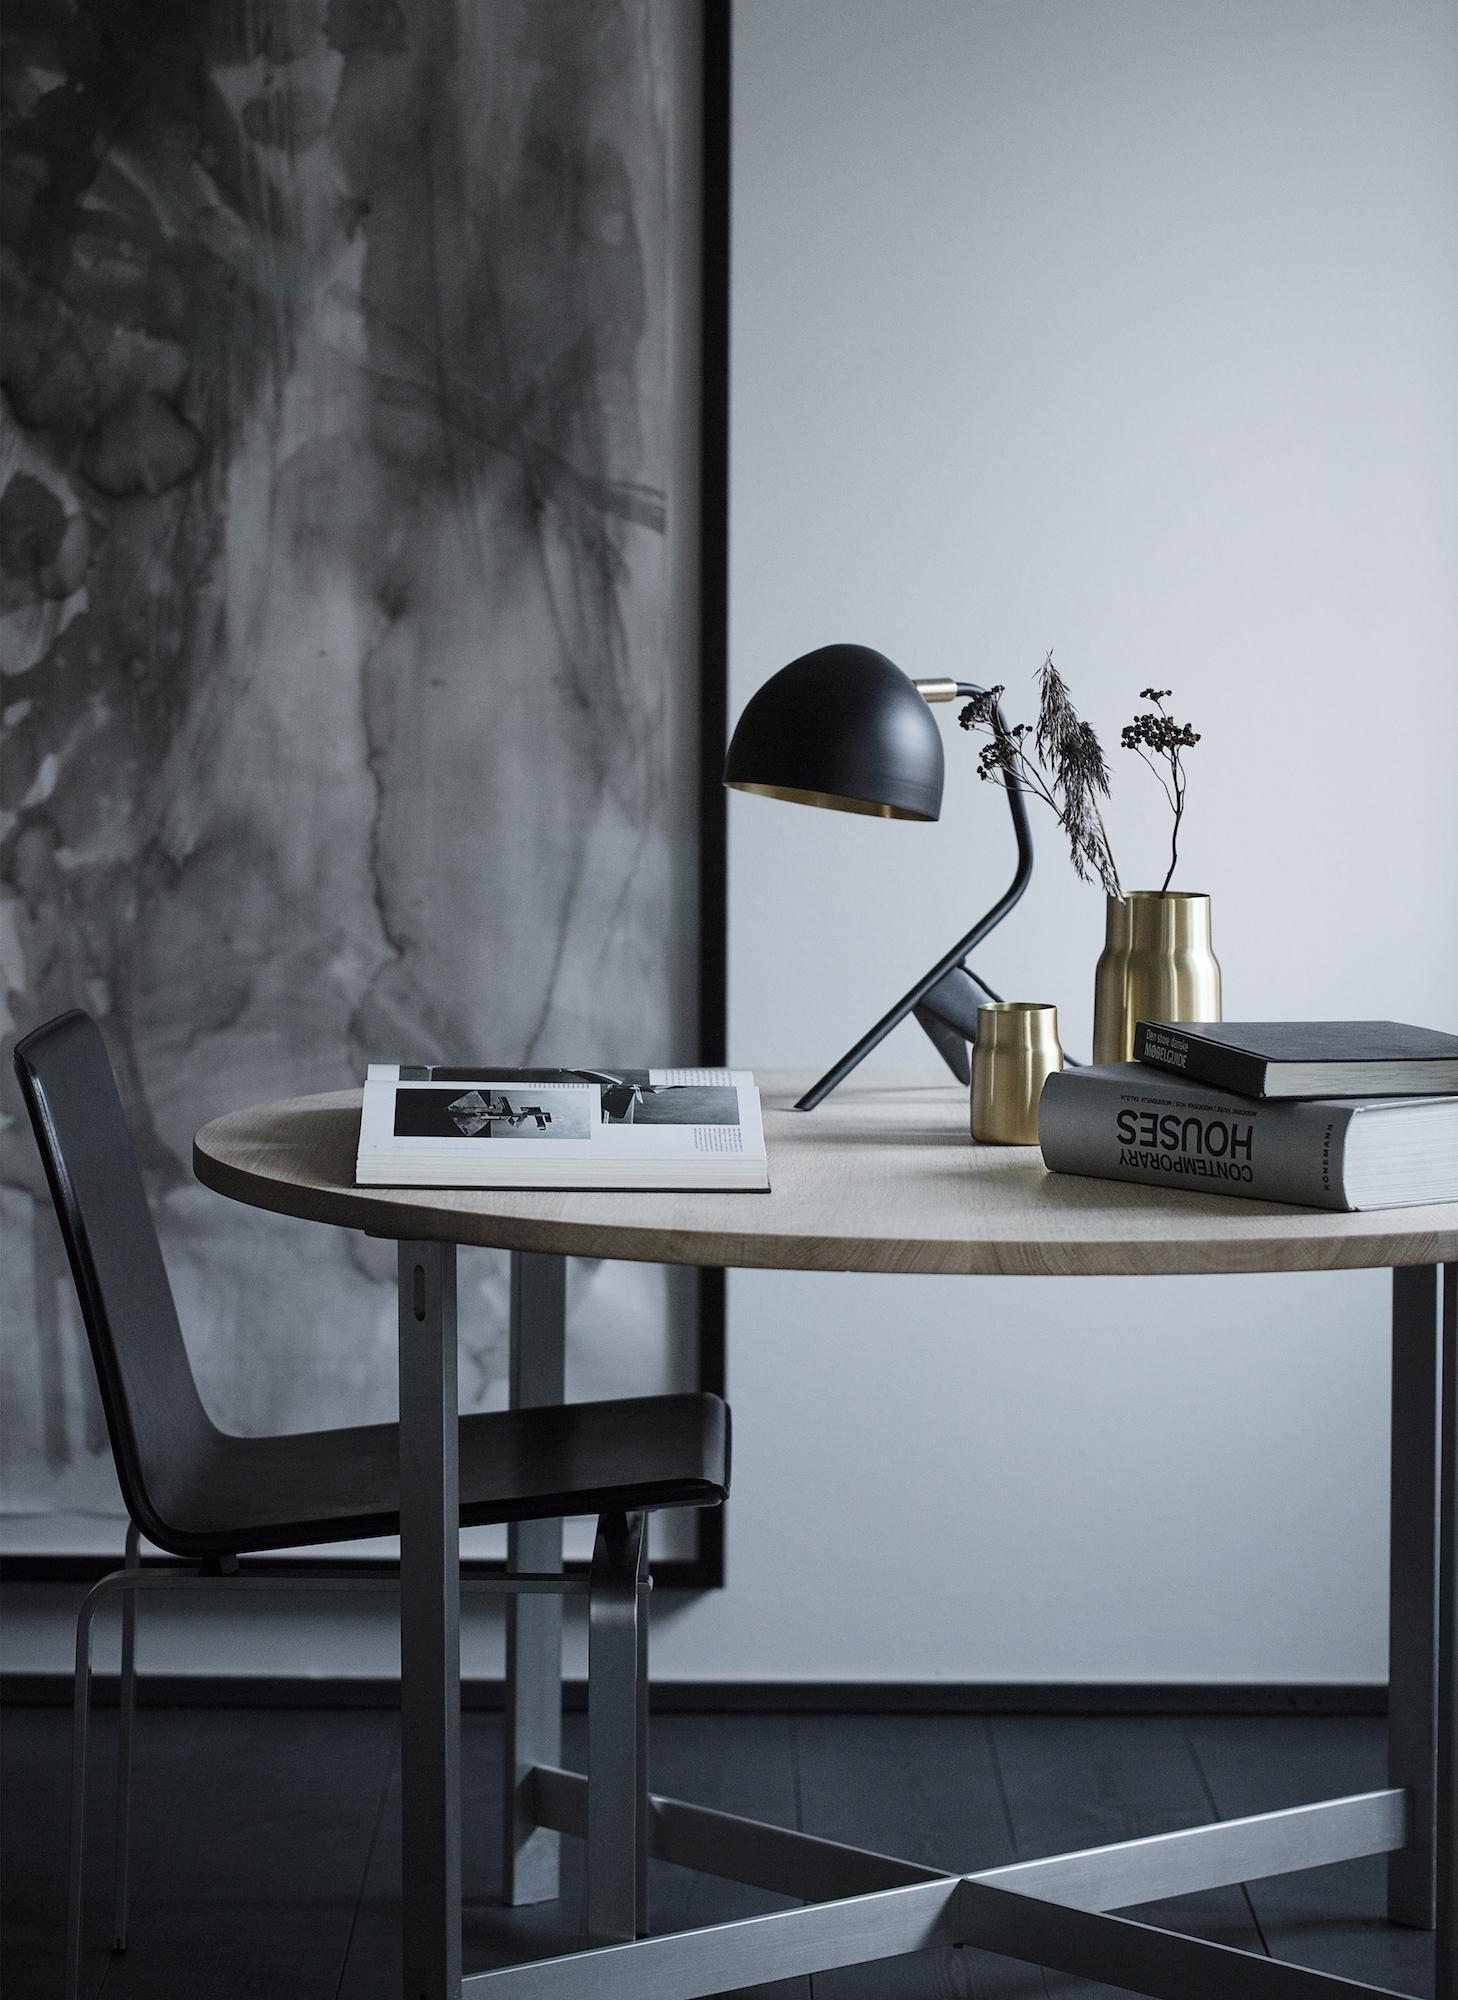 Klassik_Studio_Studio_1_Table_Lamp.jpg